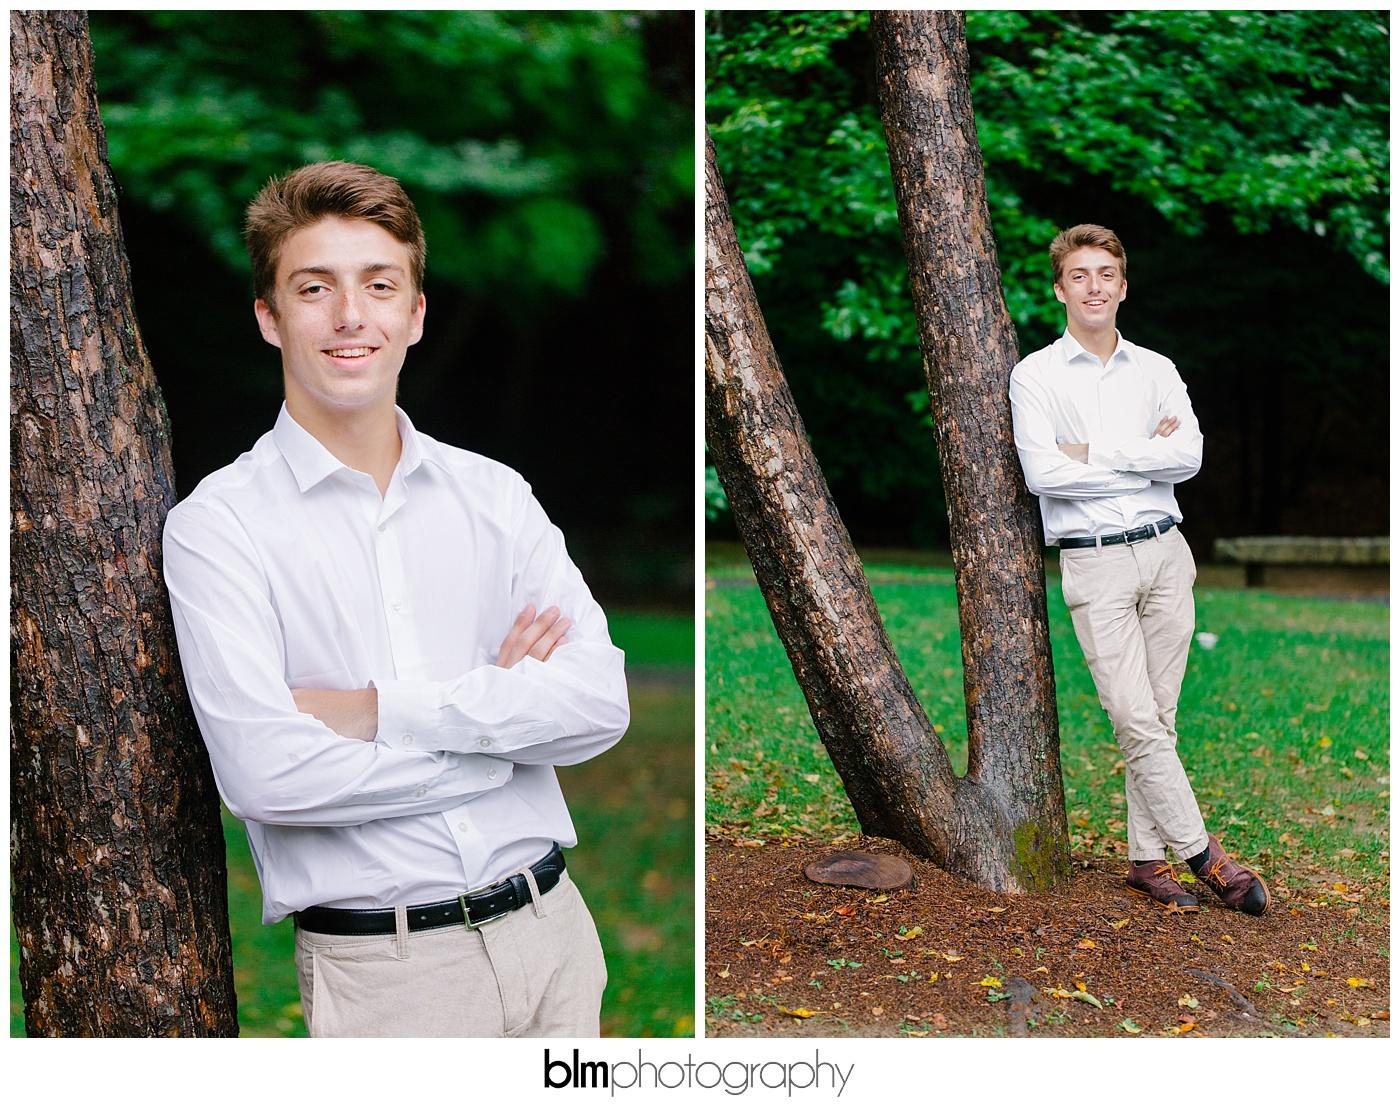 Michael_Zrzavy_Senior-Portraits_091916-6557.jpg